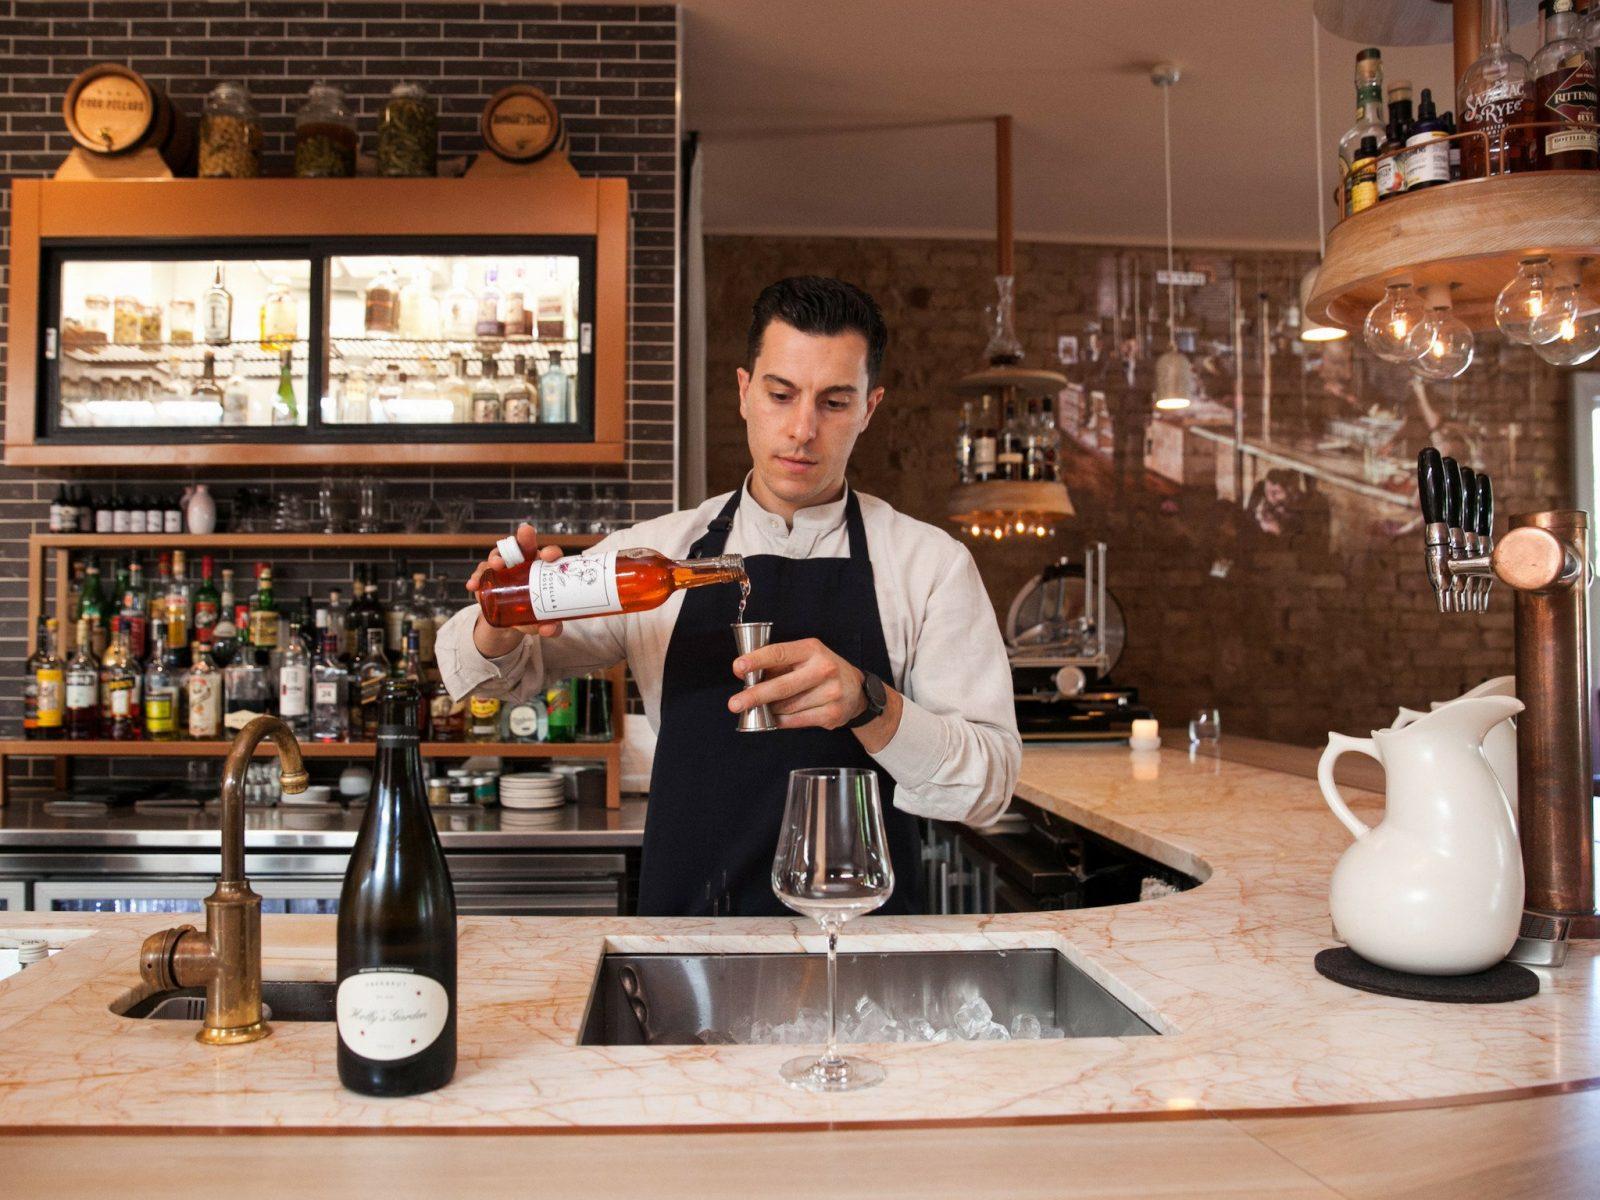 Orlando - Worlds Best Bartender mixing cocktails